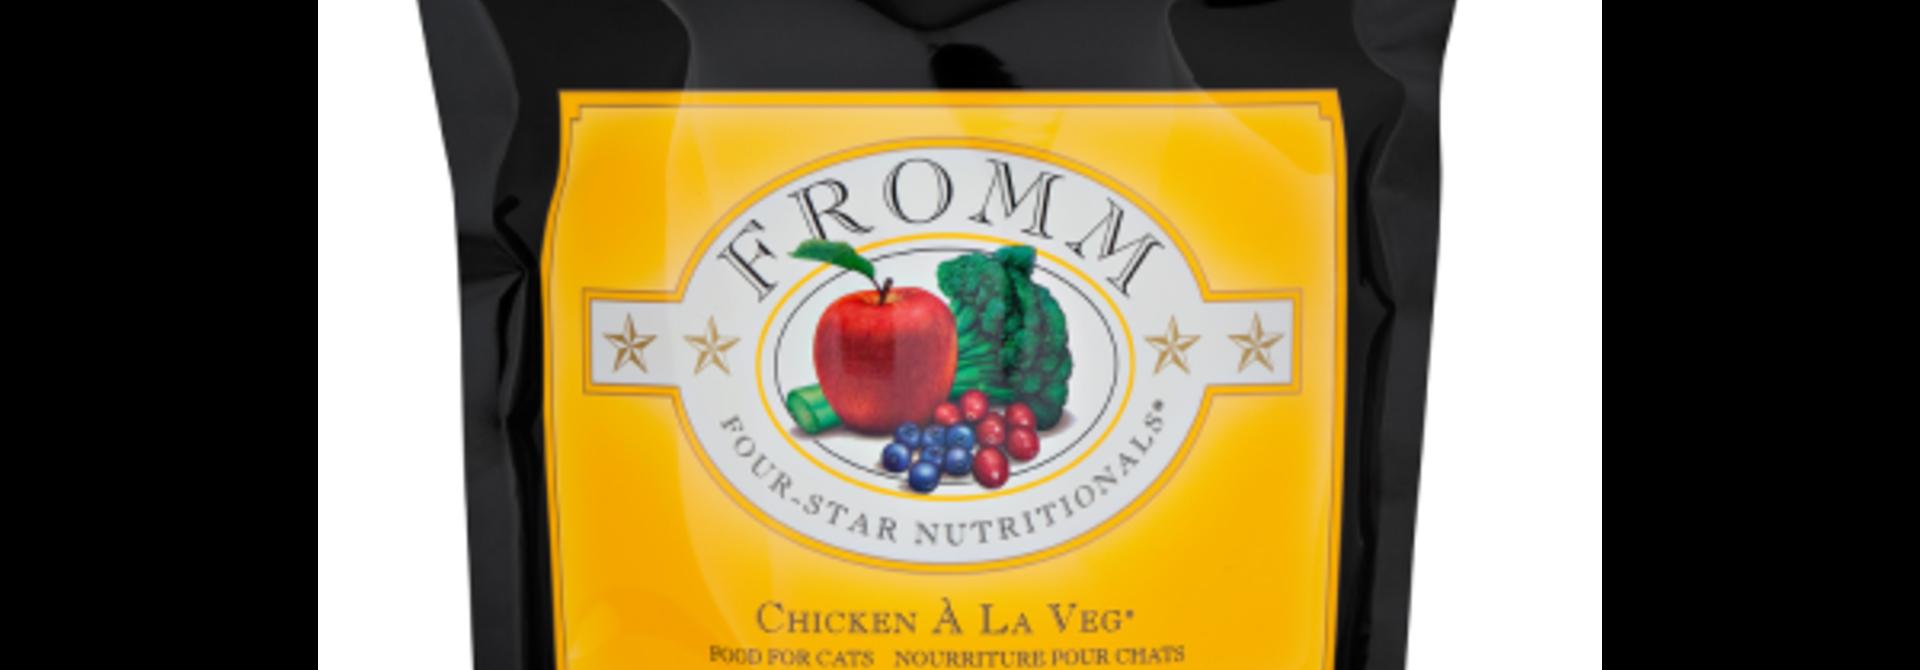 Fromm Chicken A La Veg